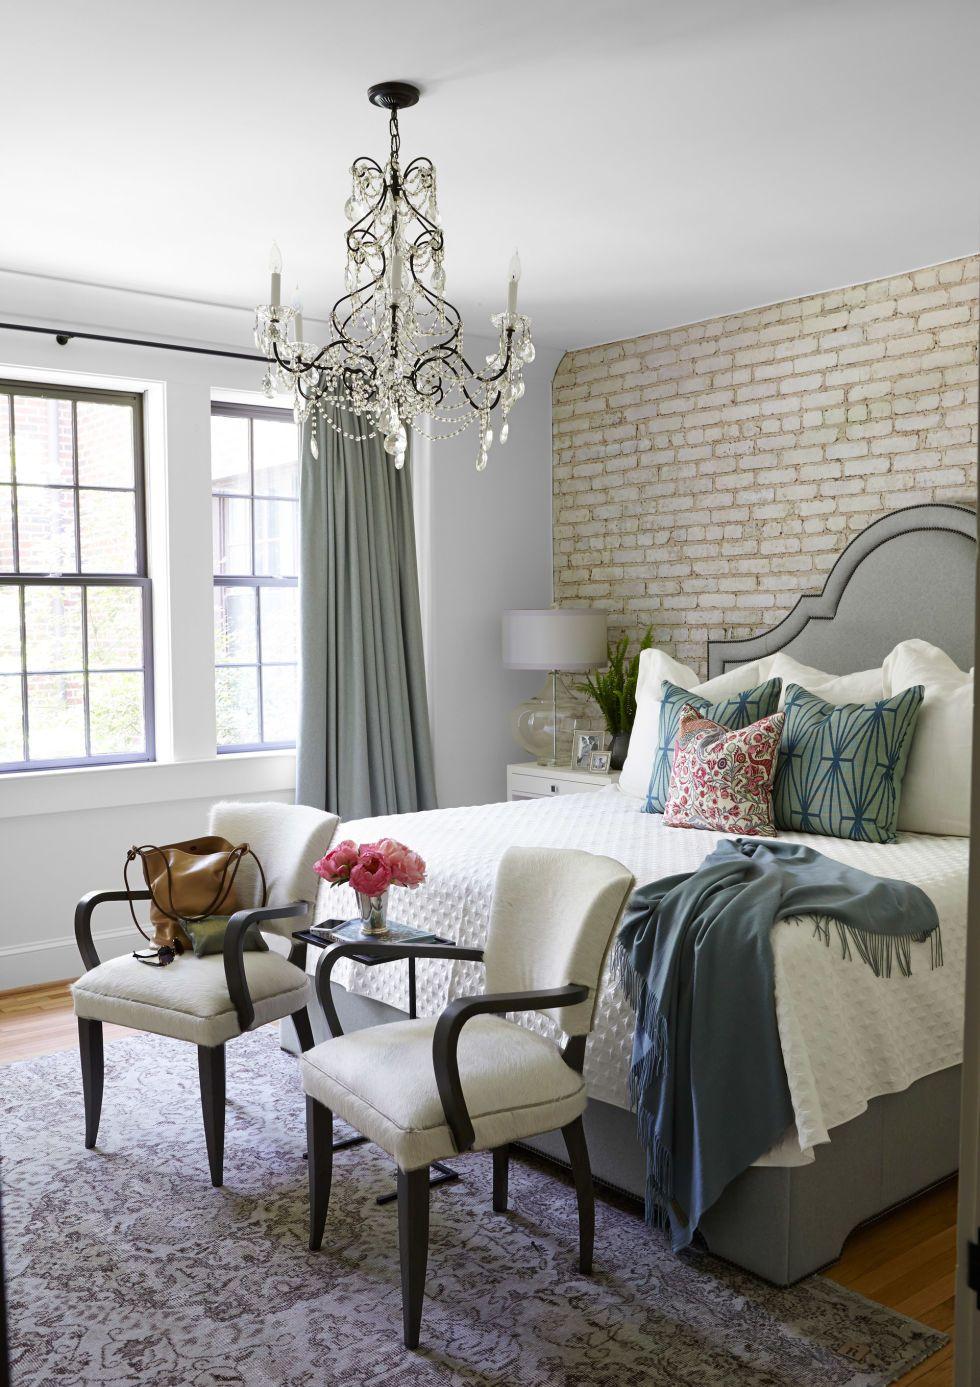 54bf45cf2812c _-_ hbx-hvid-mursten-væg-soveværelse-1014-s2